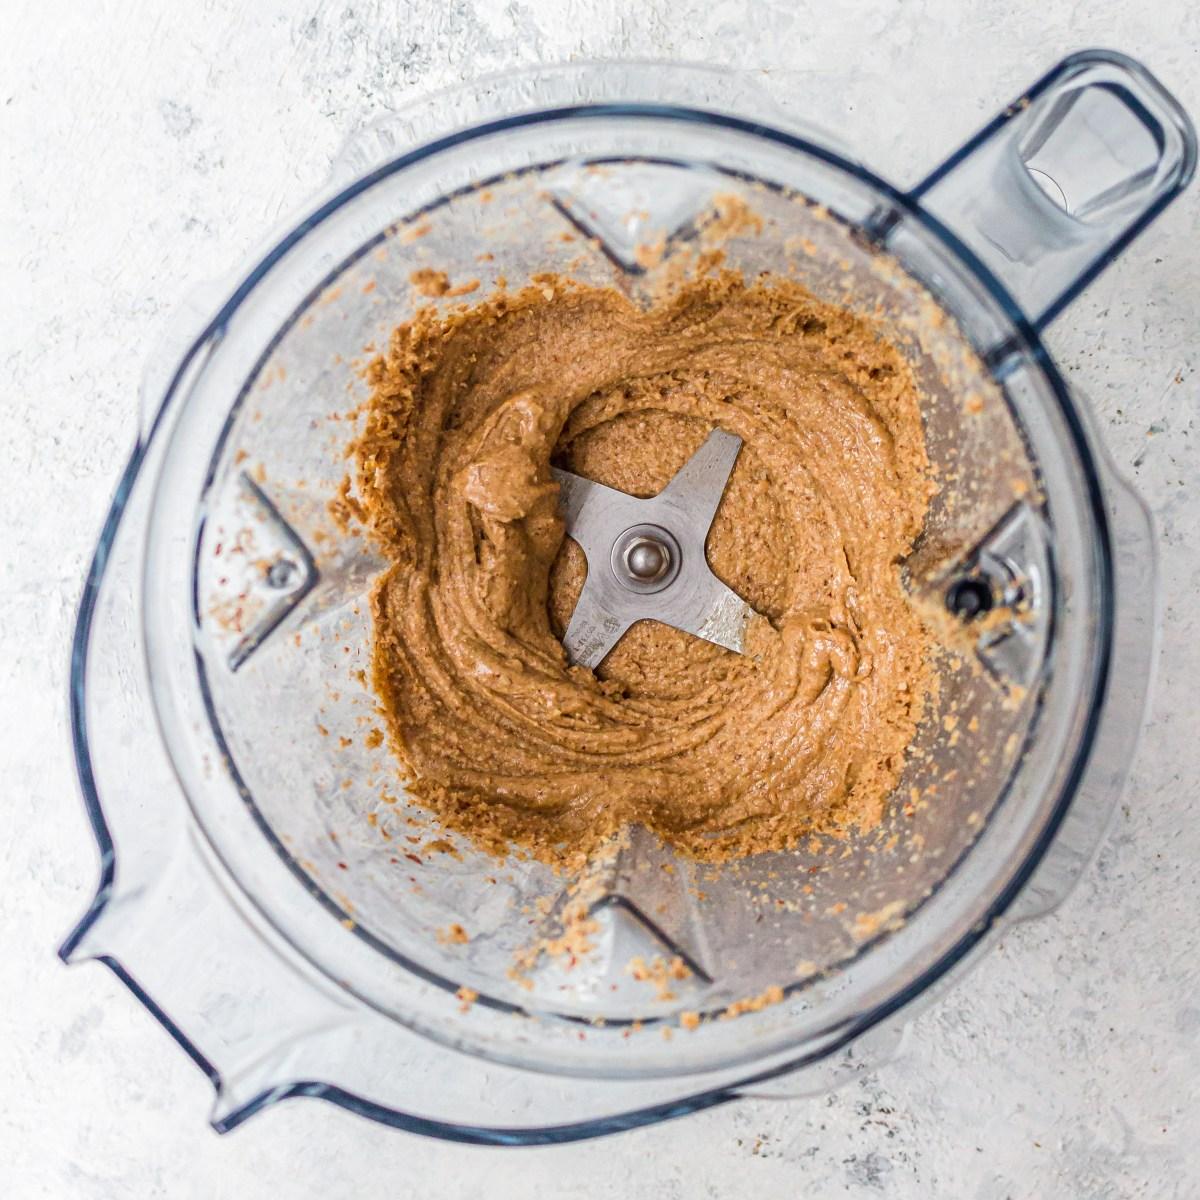 Homemade Mocha Almond Butter